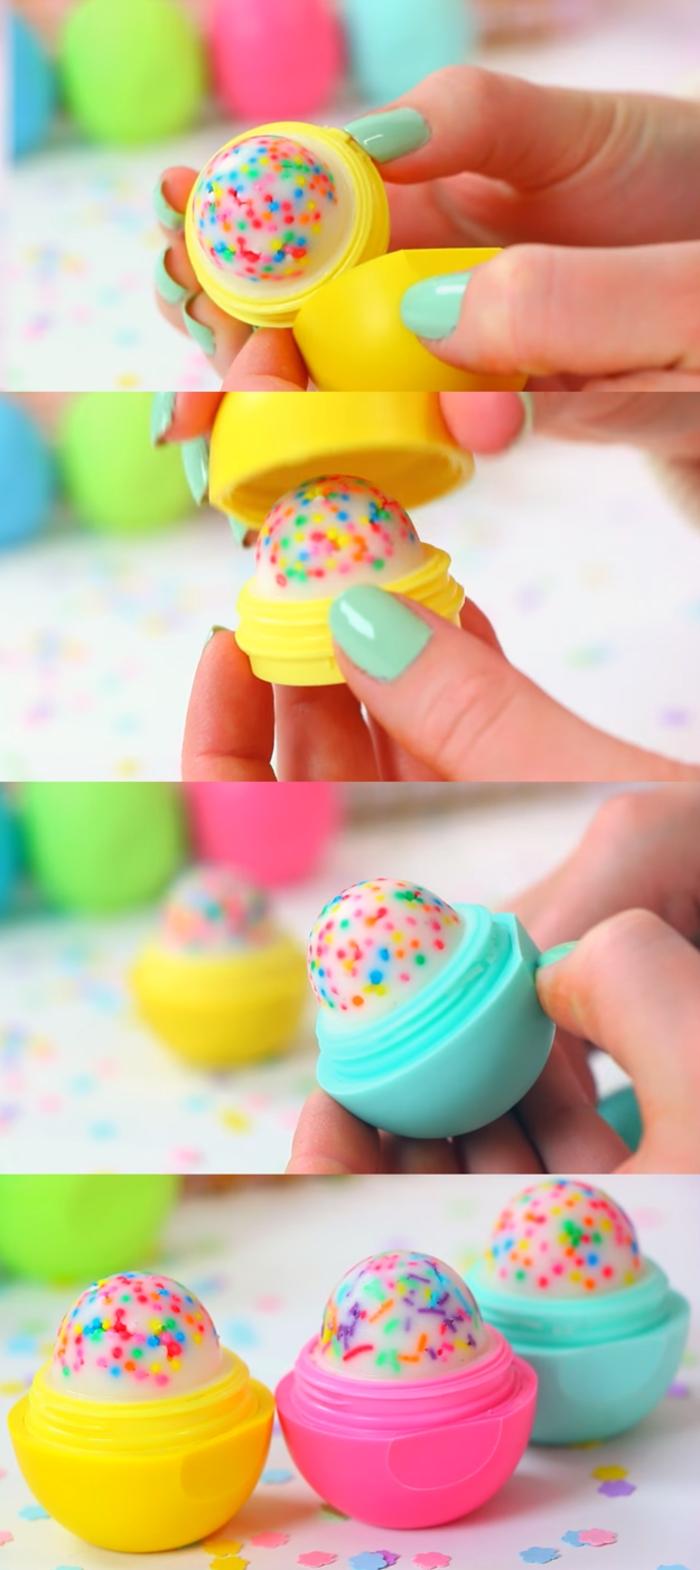 activités manuelles pour adultes, comment faire une baume à lèvres eos façon cupcake, un tuto bricolage maison pour réaliser un joli cadeau personnalisé